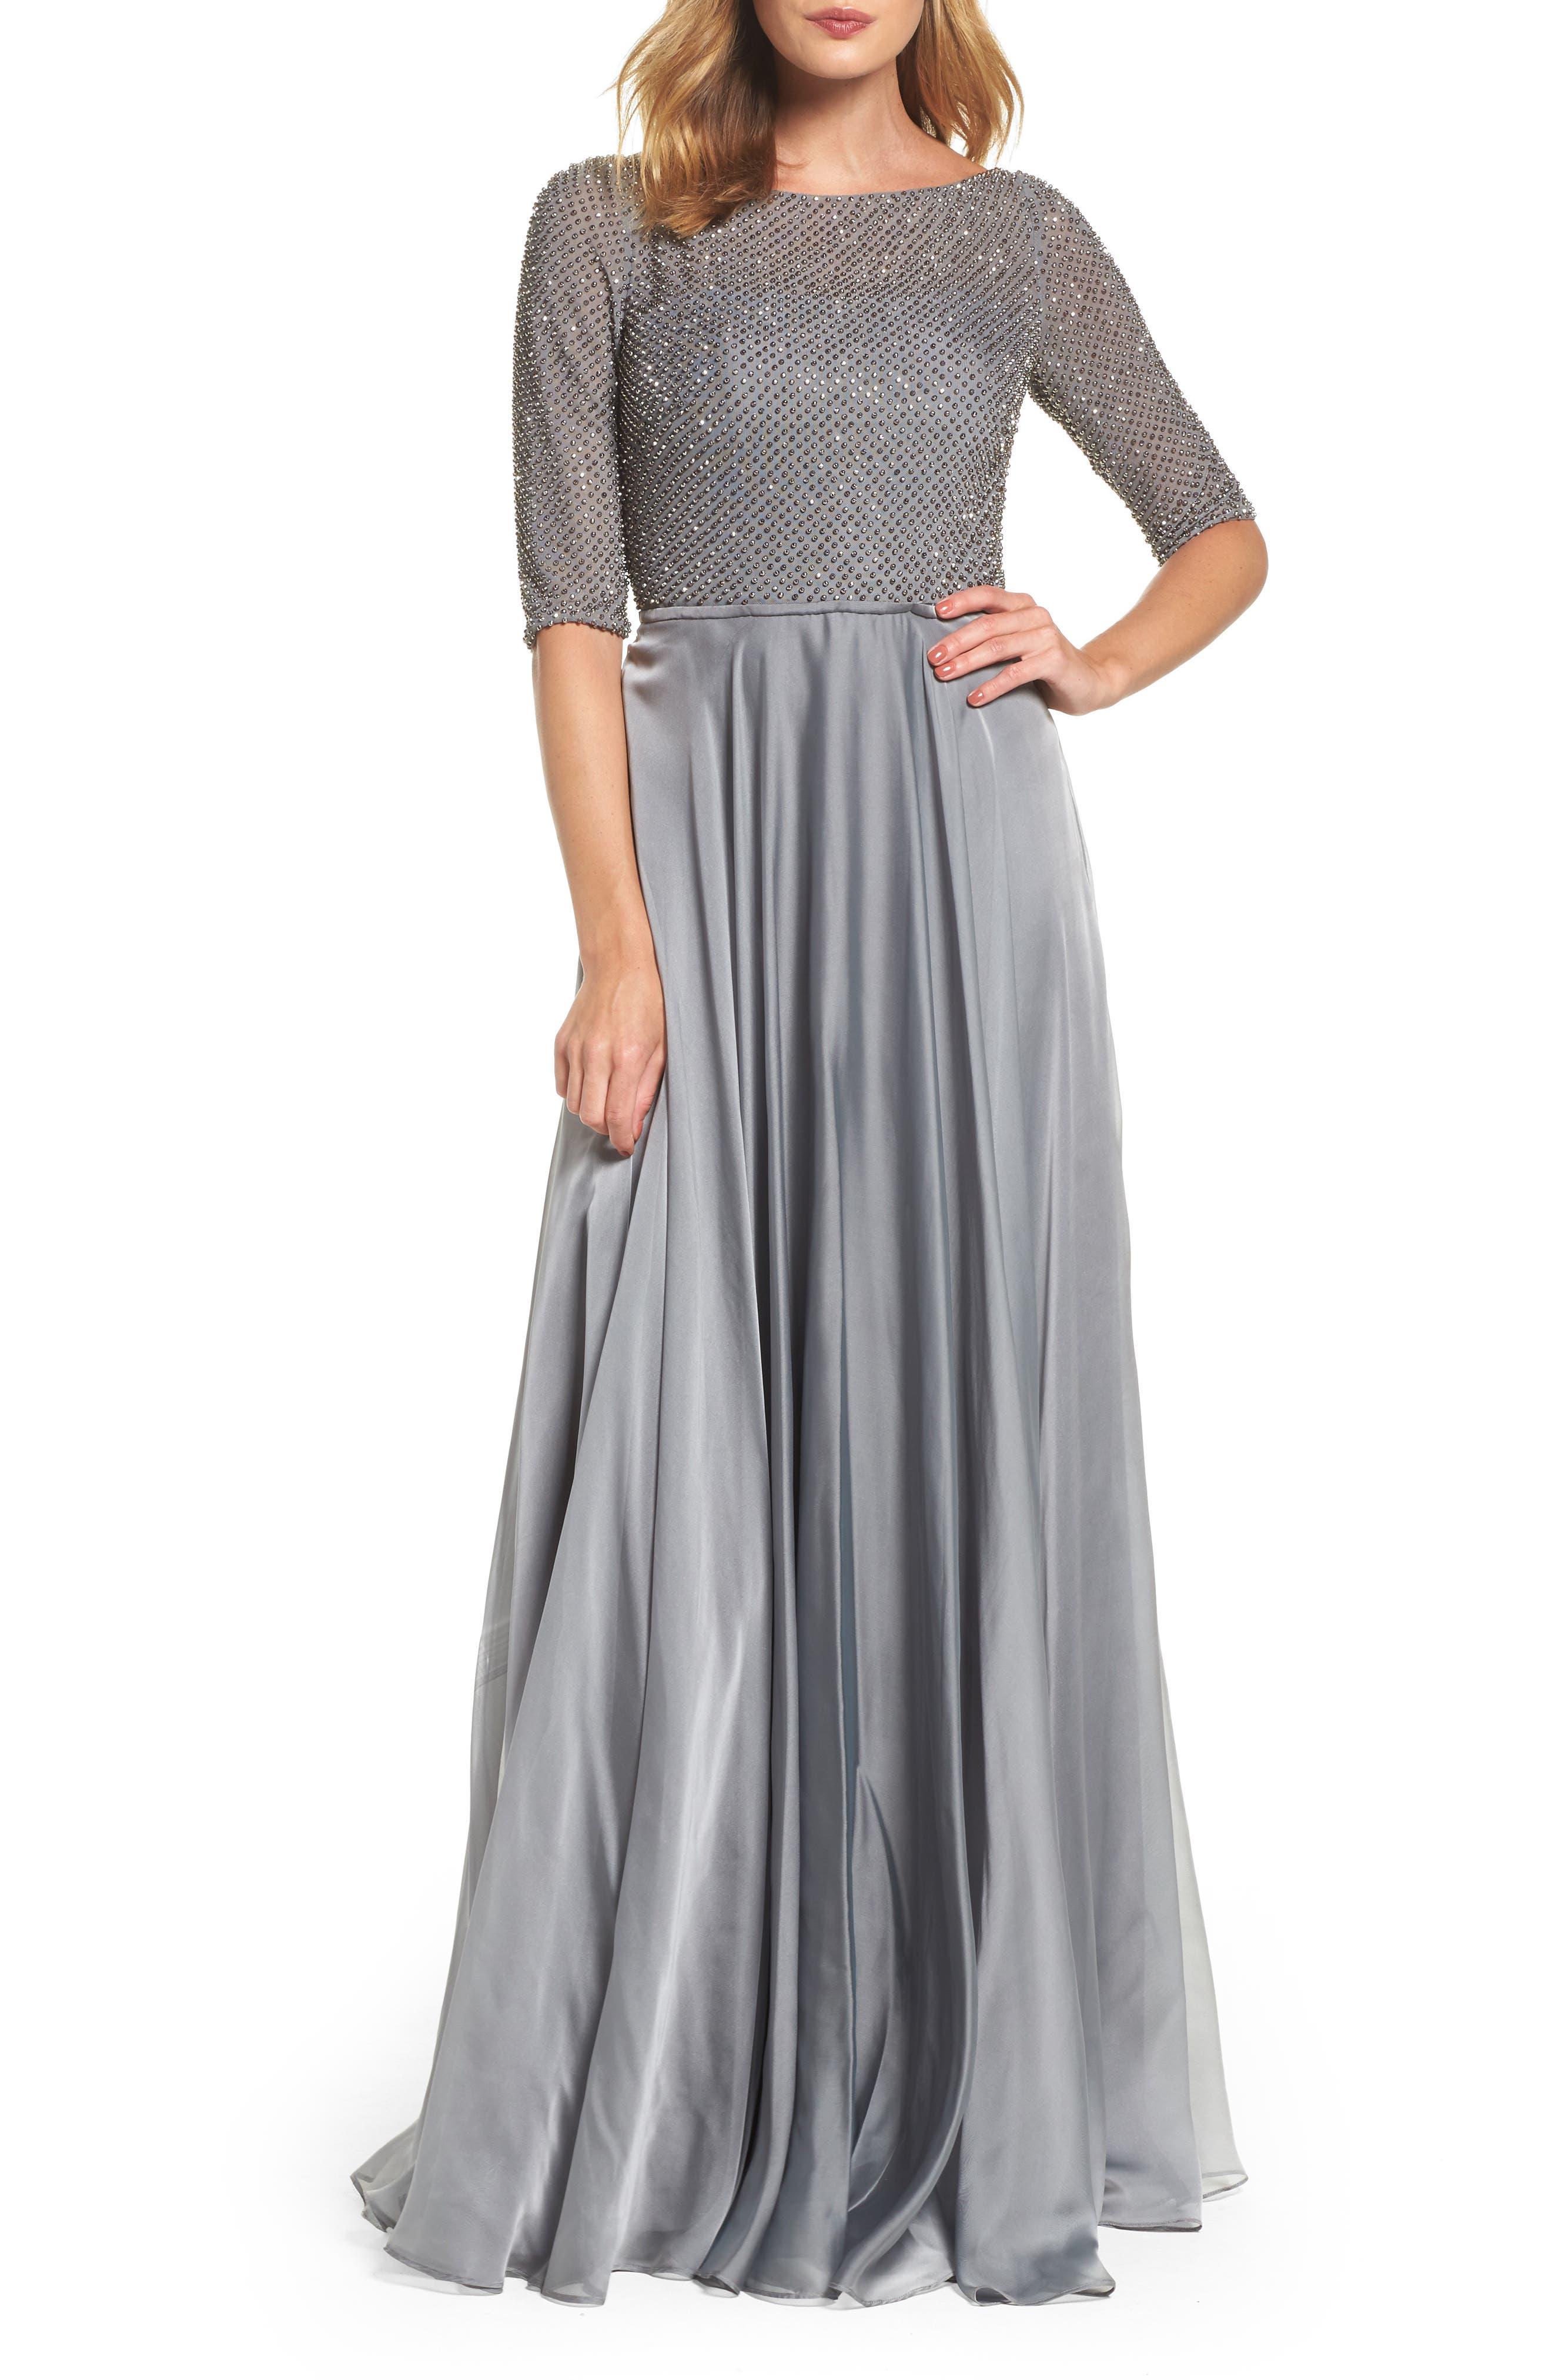 LA FEMME Embellished Bodice Gown, Main, color, PLATINUM